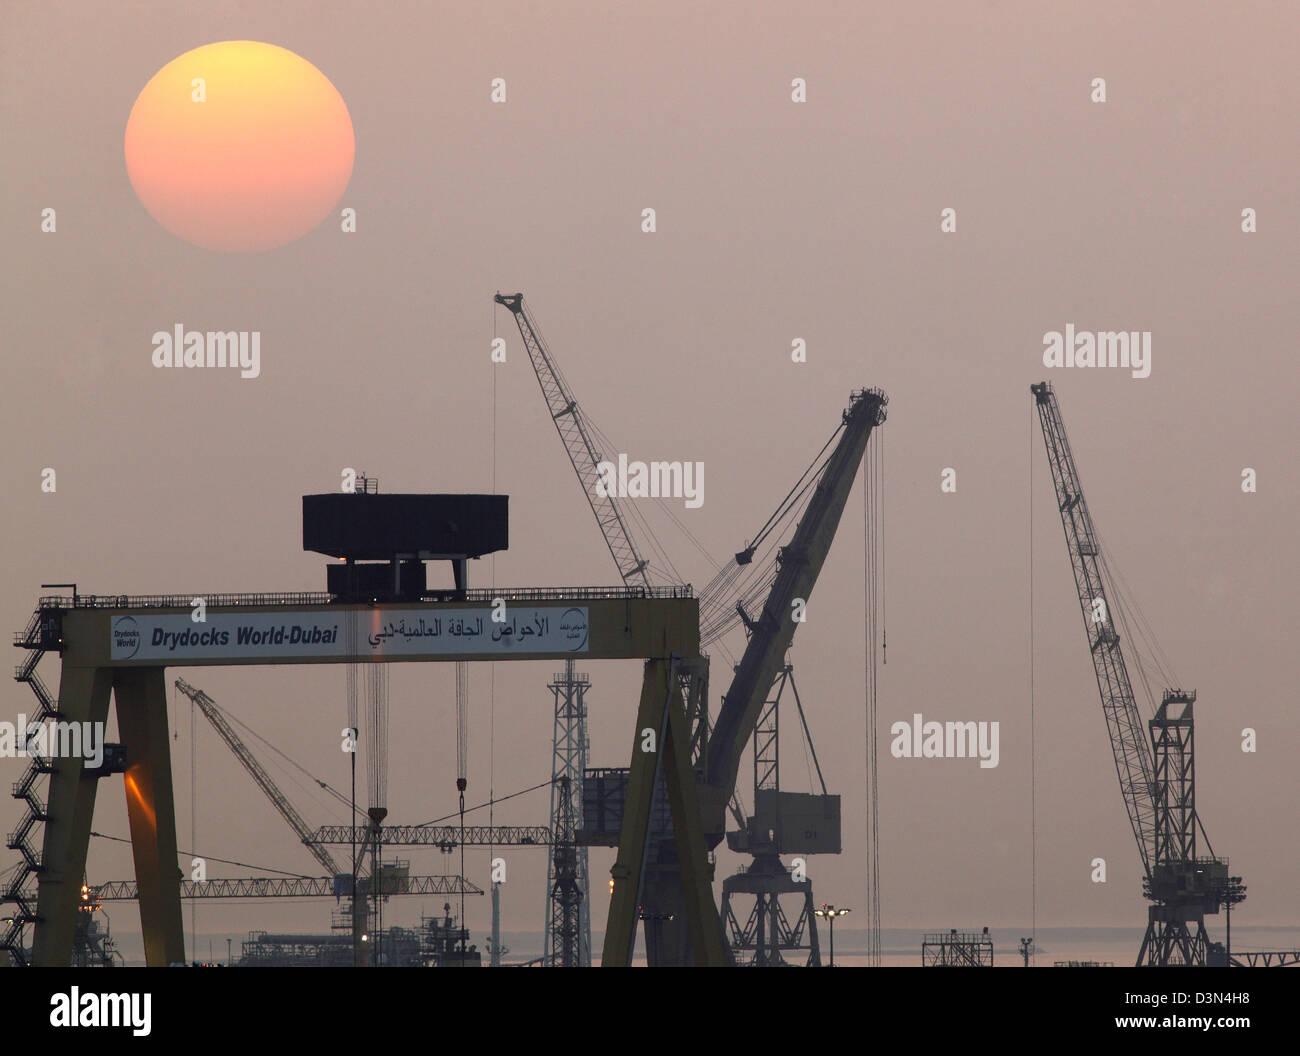 Dubai drydocks stock photos dubai drydocks stock images alamy dubai united arab emirates the drydocks world loading cranes at sunset stock image gumiabroncs Image collections